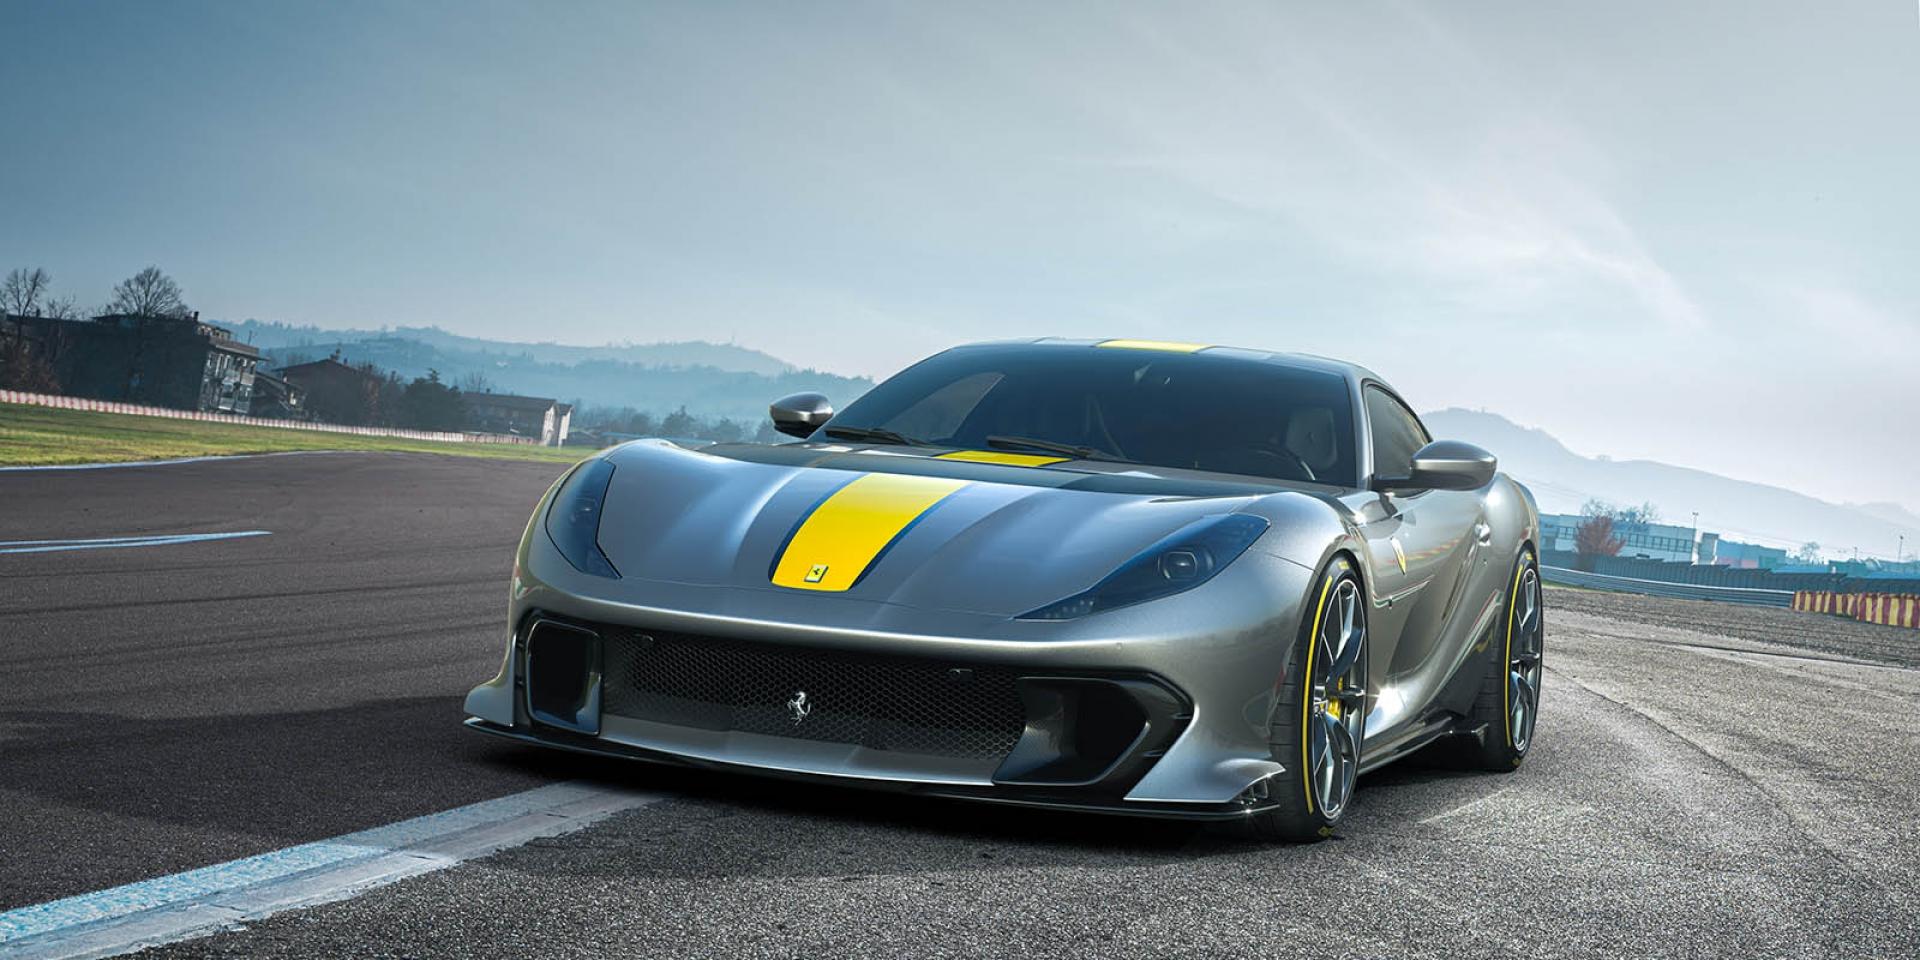 官方新聞稿。Ferrari 812 Competizione/Competizione A 震撼登場致敬傳奇經典